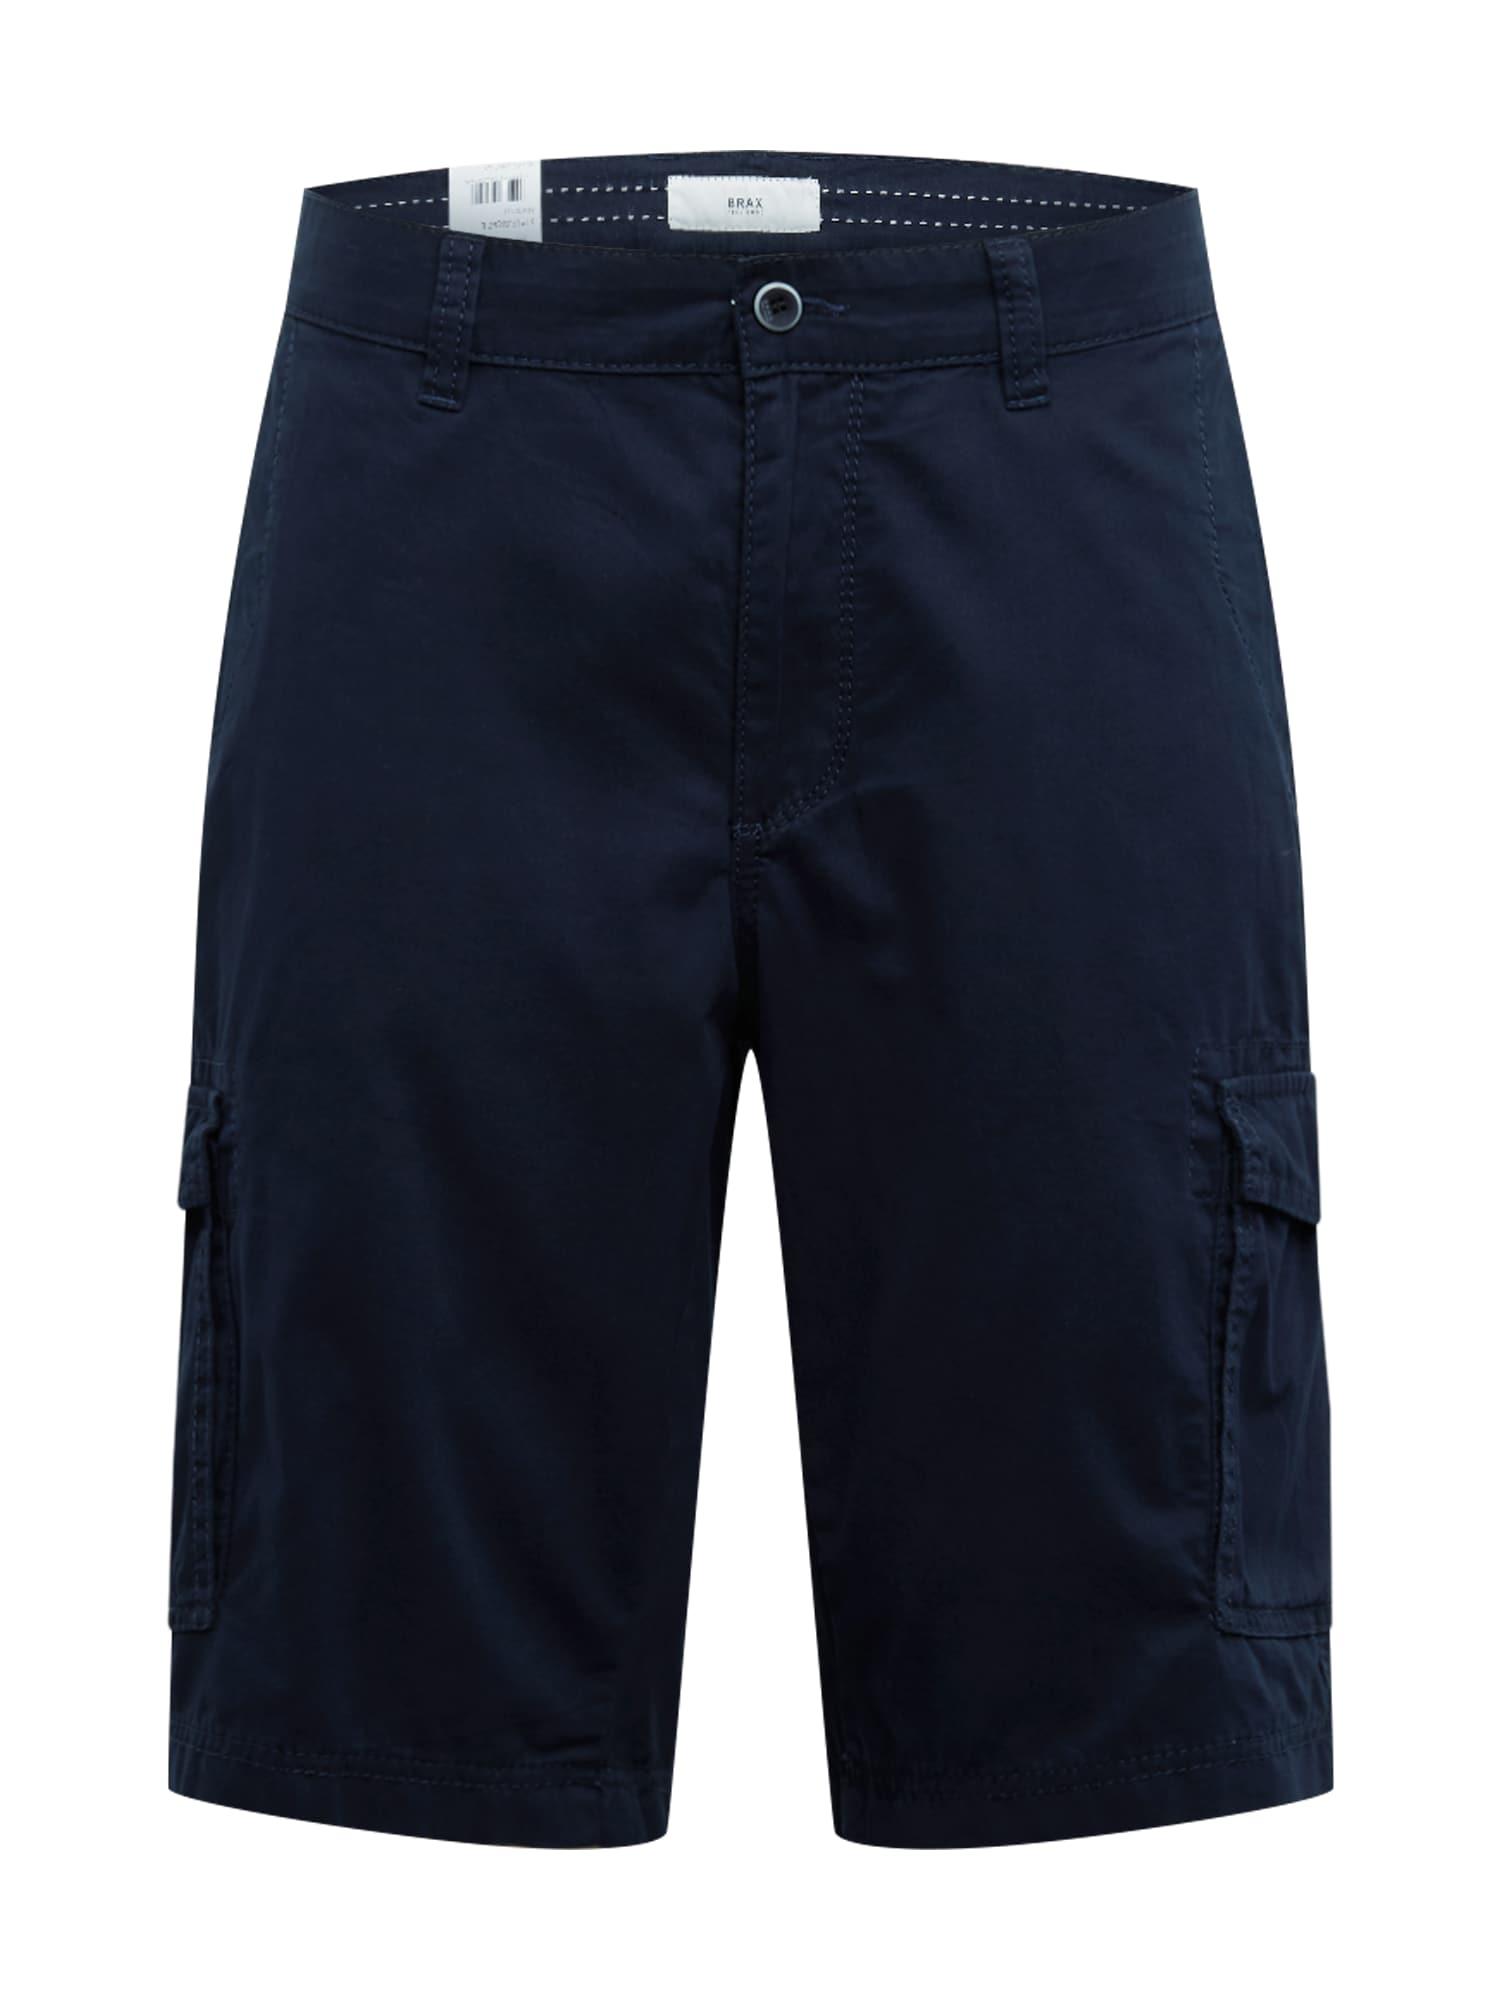 BRAX Laisvo stiliaus kelnės 'BRAZIL' tamsiai mėlyna jūros spalva